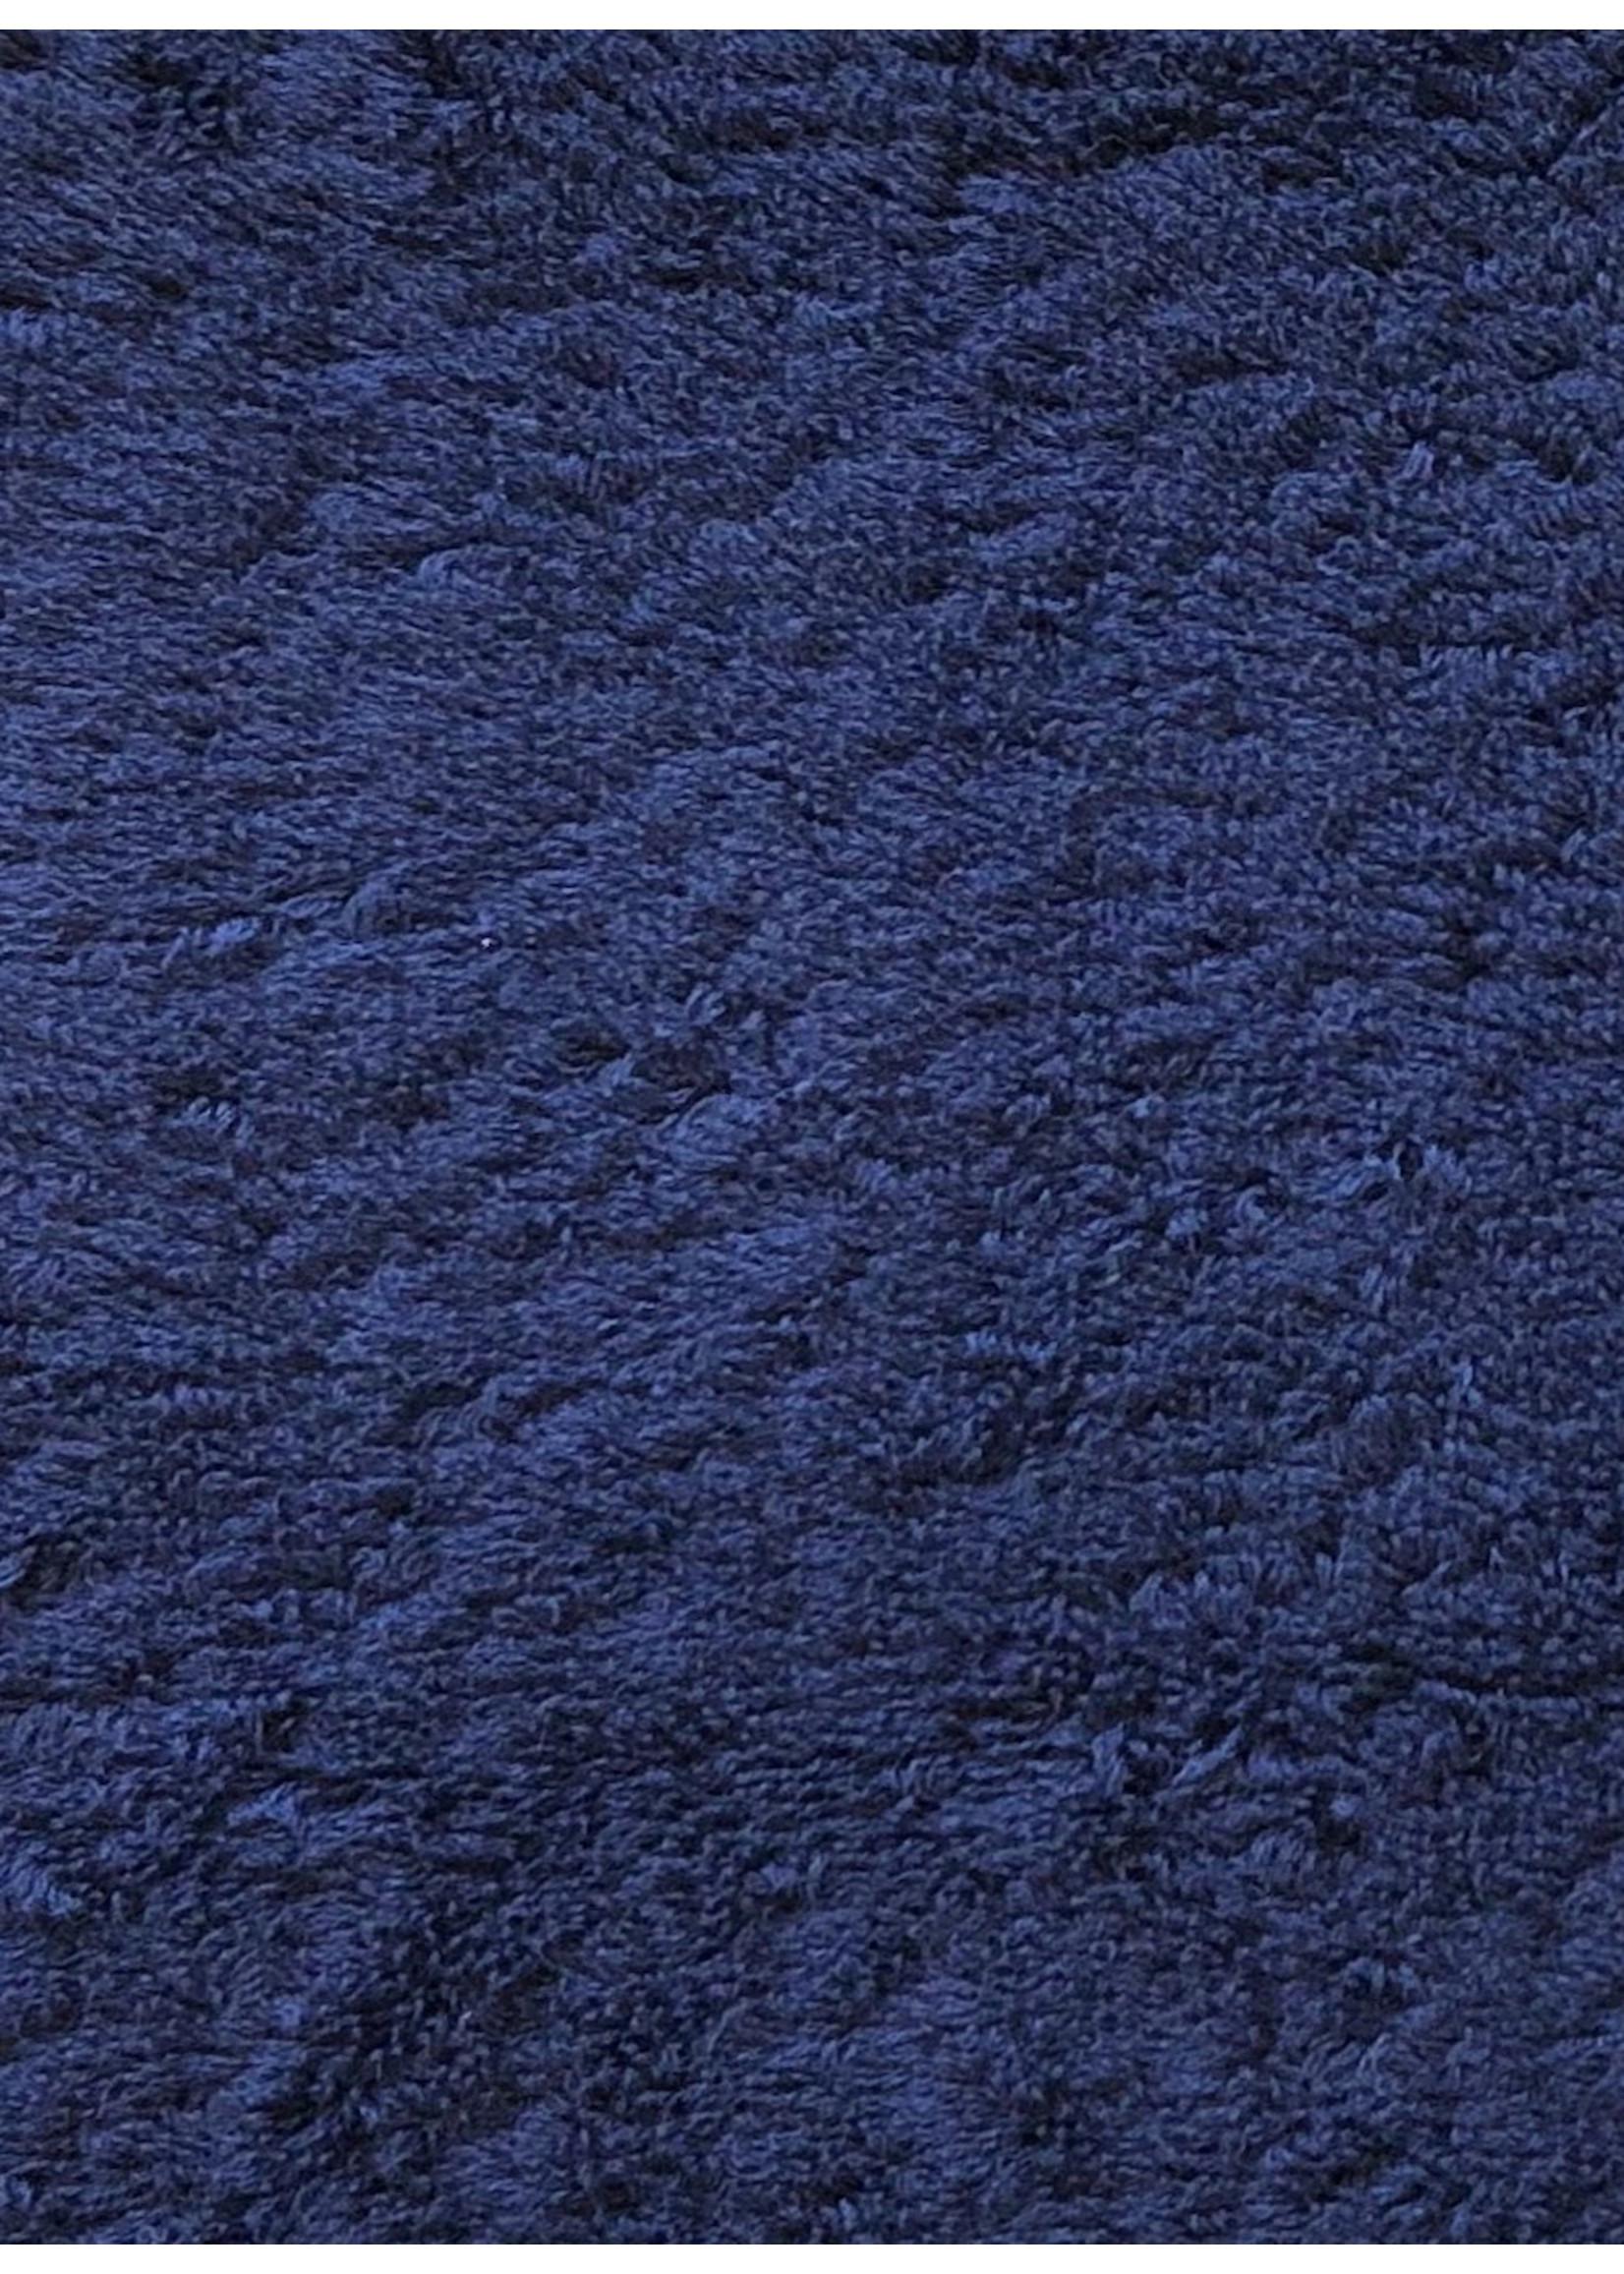 Abyss & Habidecor Super Pile Cadette Blue Towels